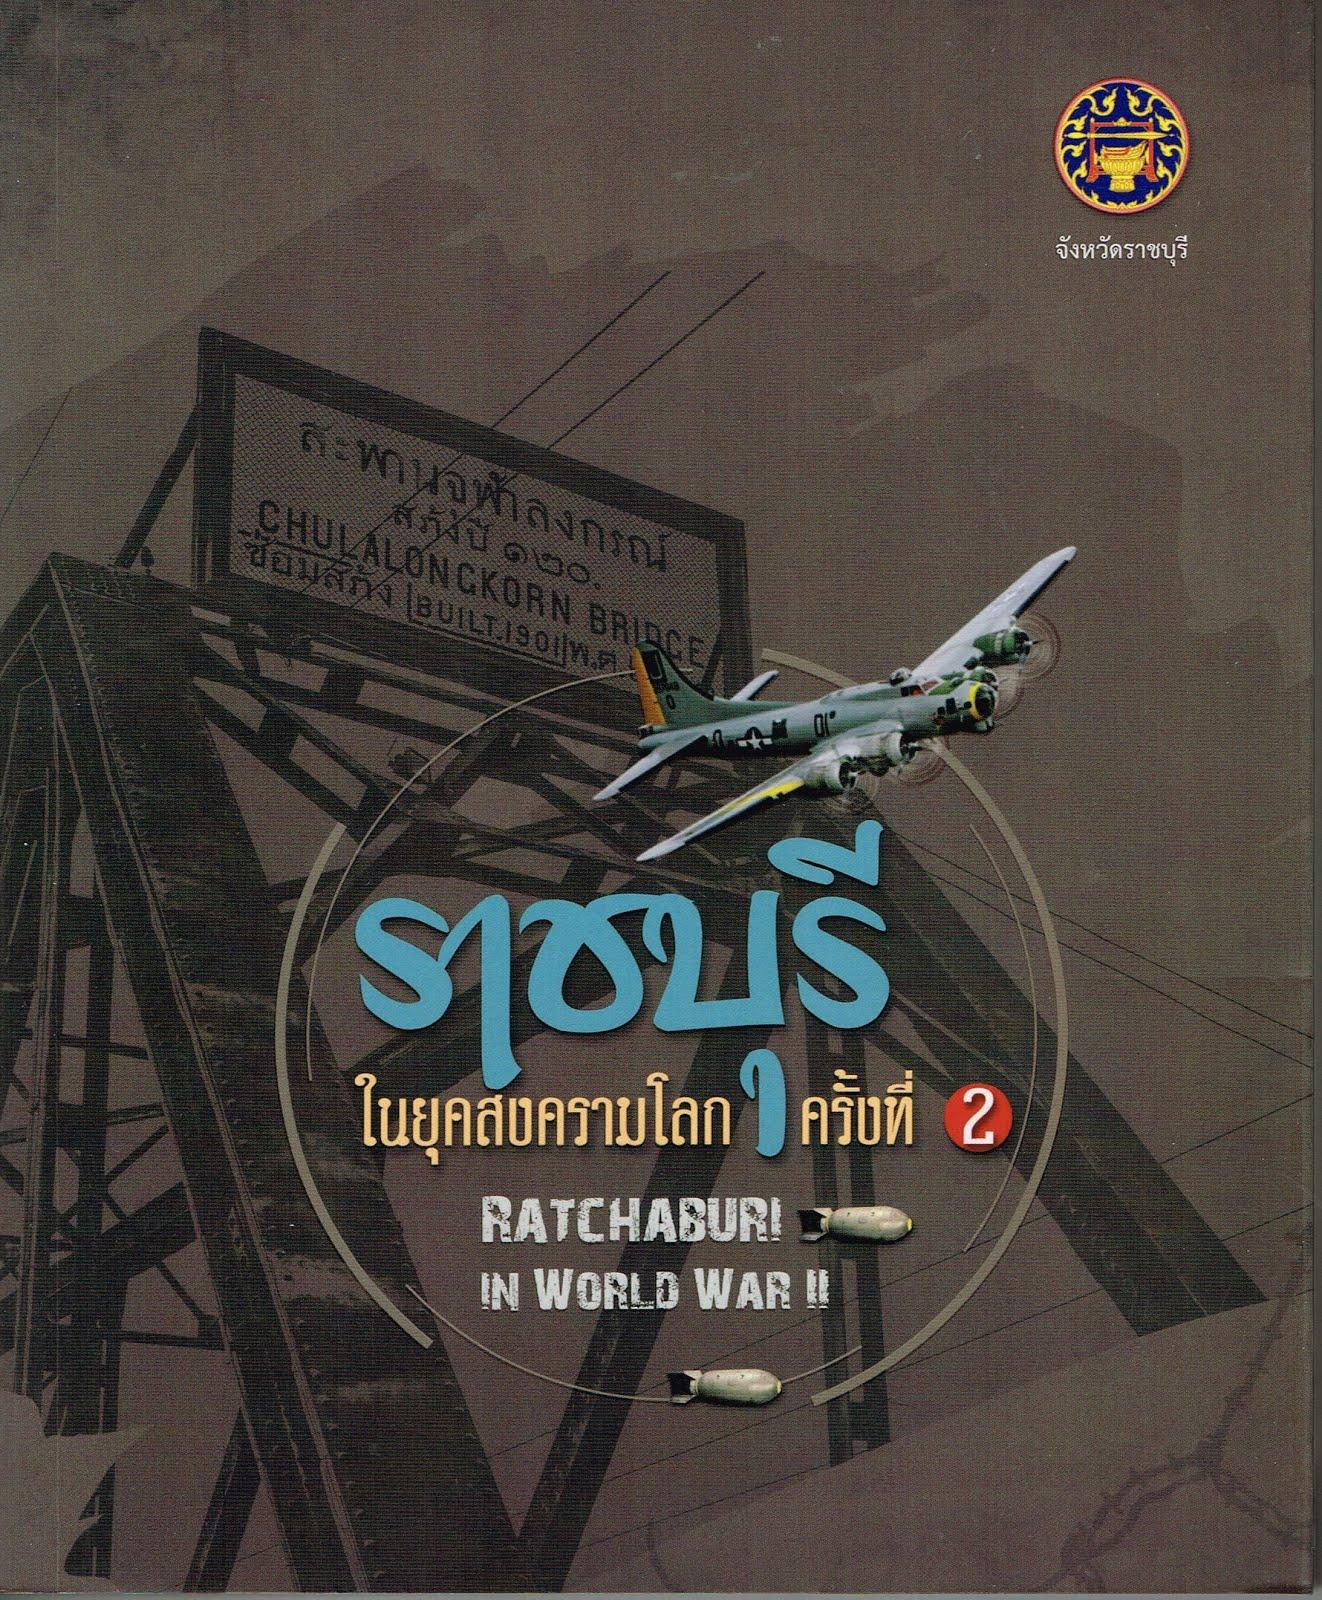 หนังสือราชบุรีในยุคสงครามโลกครั้งที่ 2